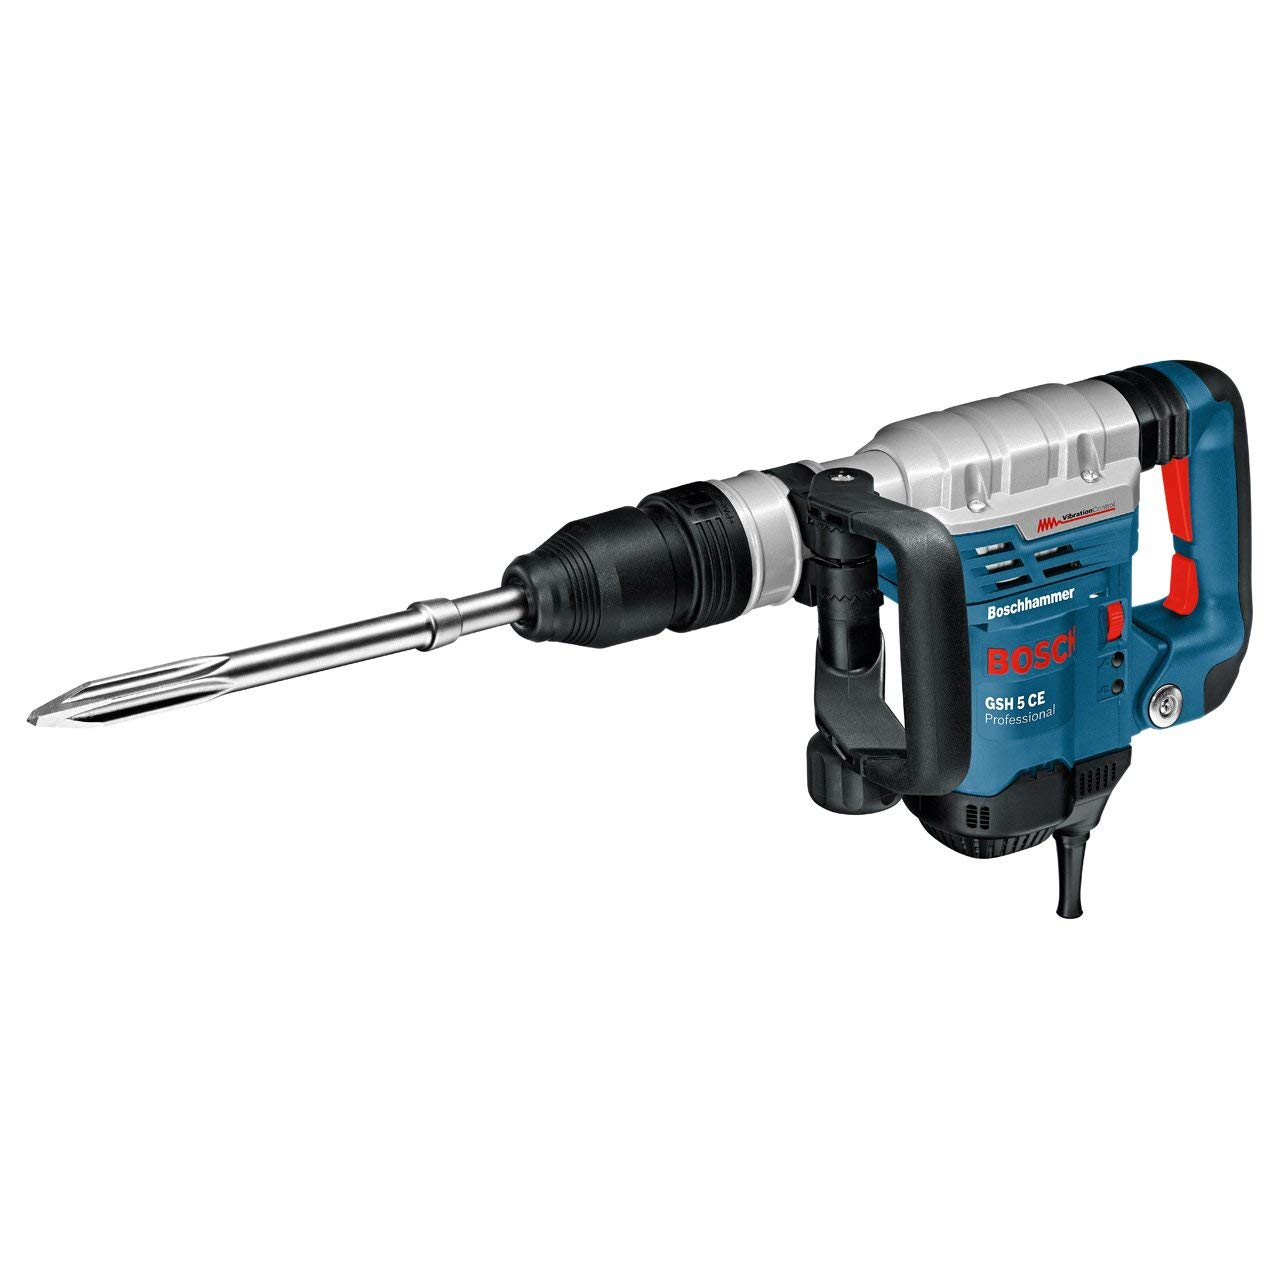 Test et Avis : Bosch Professional 0611321000 GSH 5 CE, un petit marteau piqueur professionnel